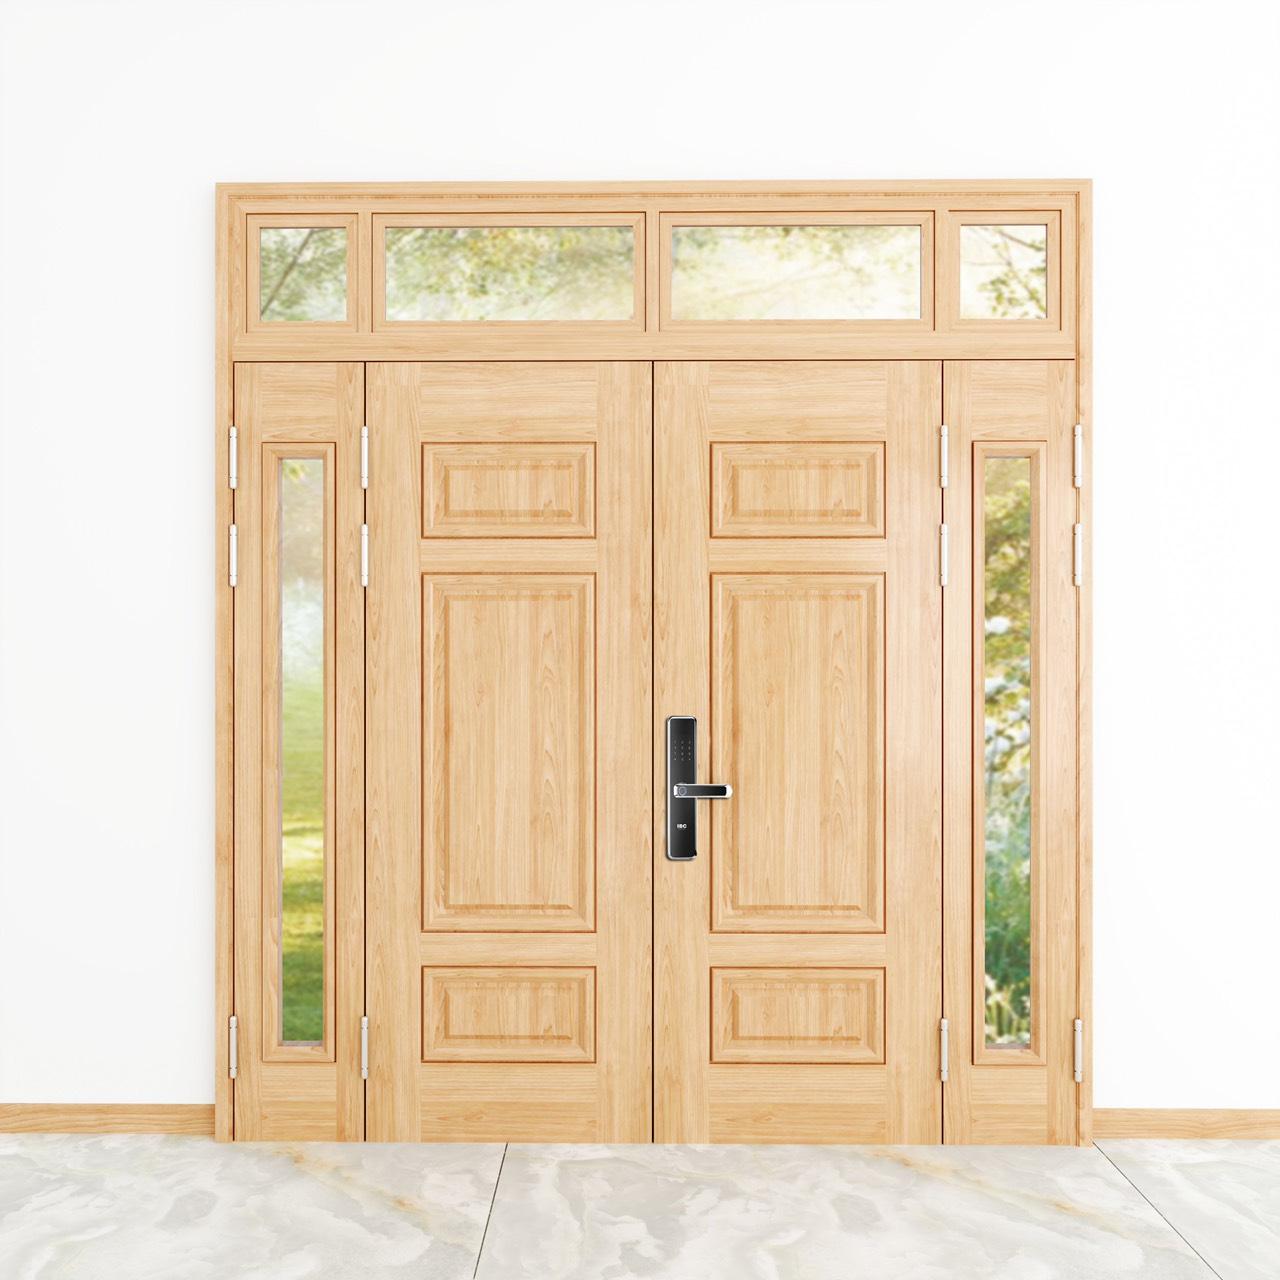 Lợi ích khi lắp đặt cửa thép vân gỗ